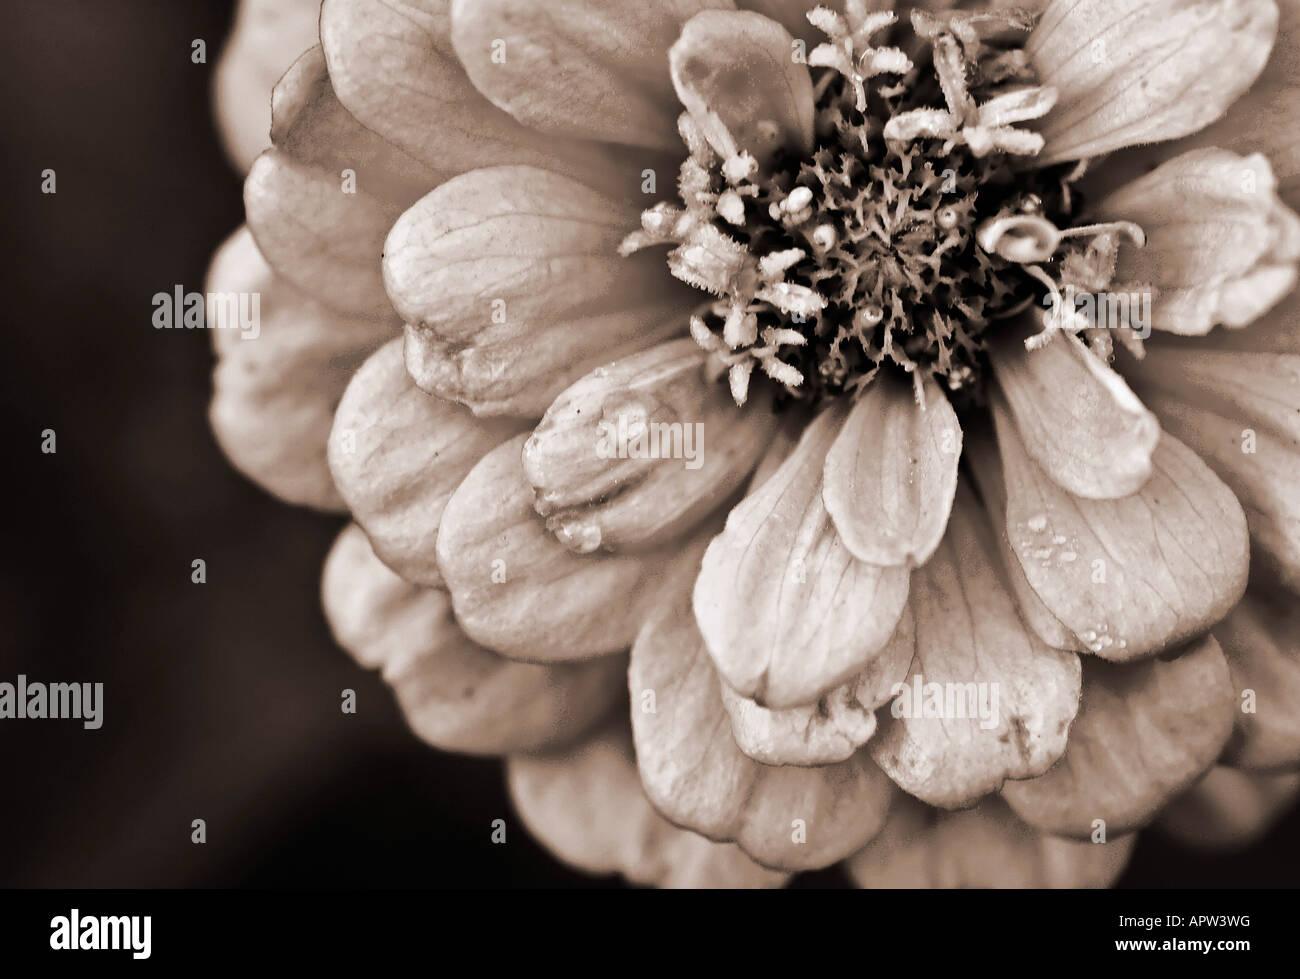 D'une fleur monochrome. Banque D'Images